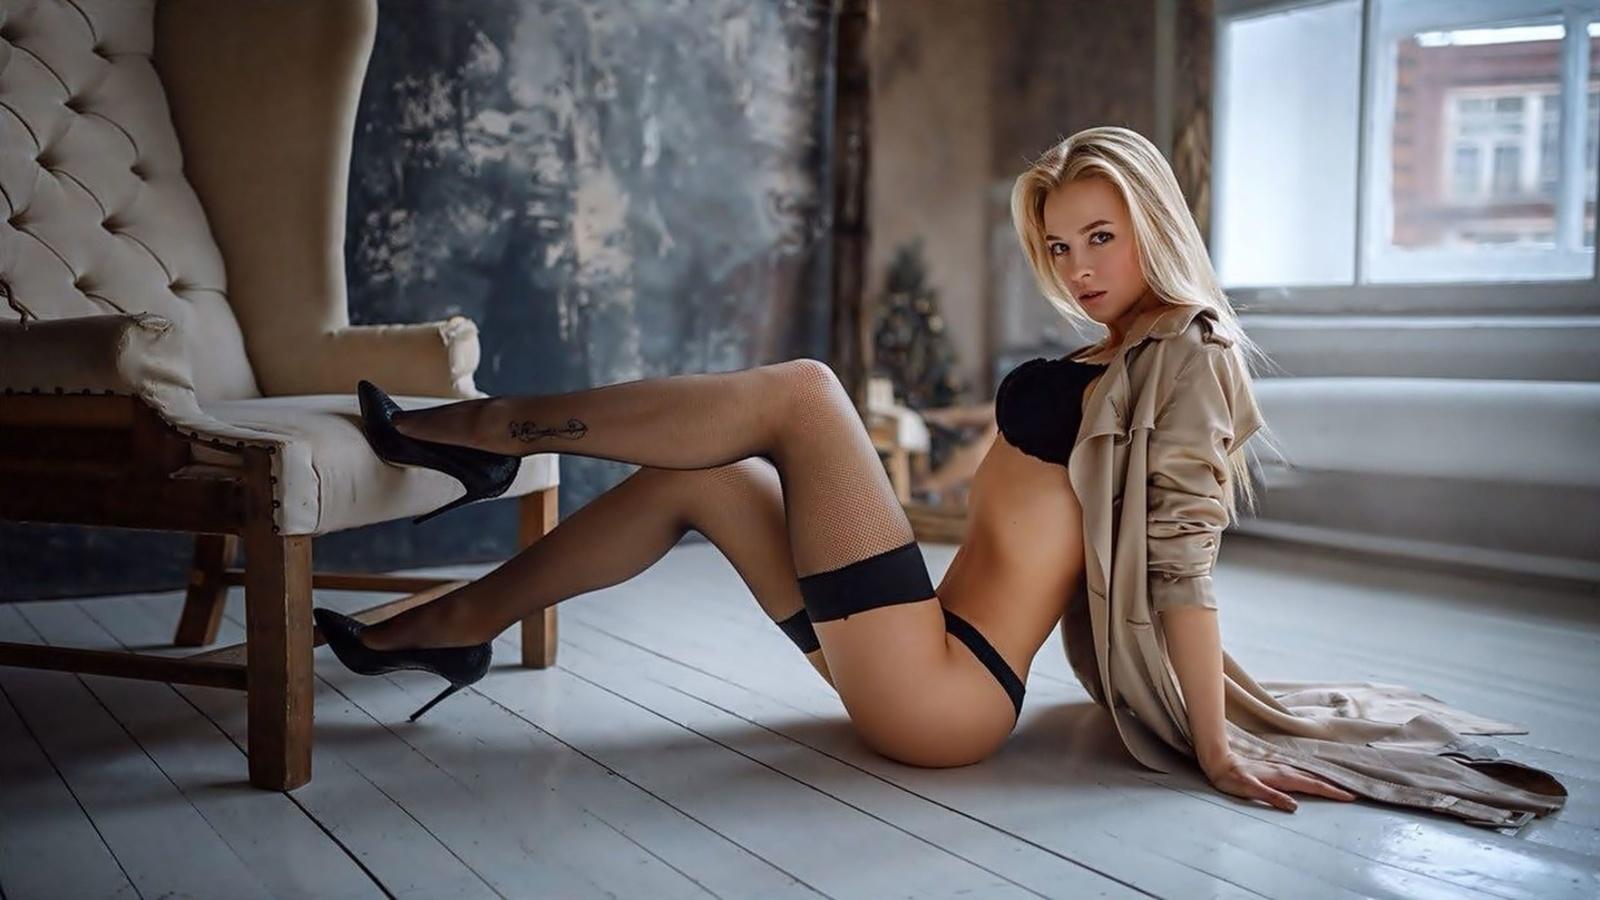 девушка, юная, блондинка, красавица, модель, одежда, платье, бельё, бюстгальтер, трусы, чулки, татуировка, туфли, секси, поза